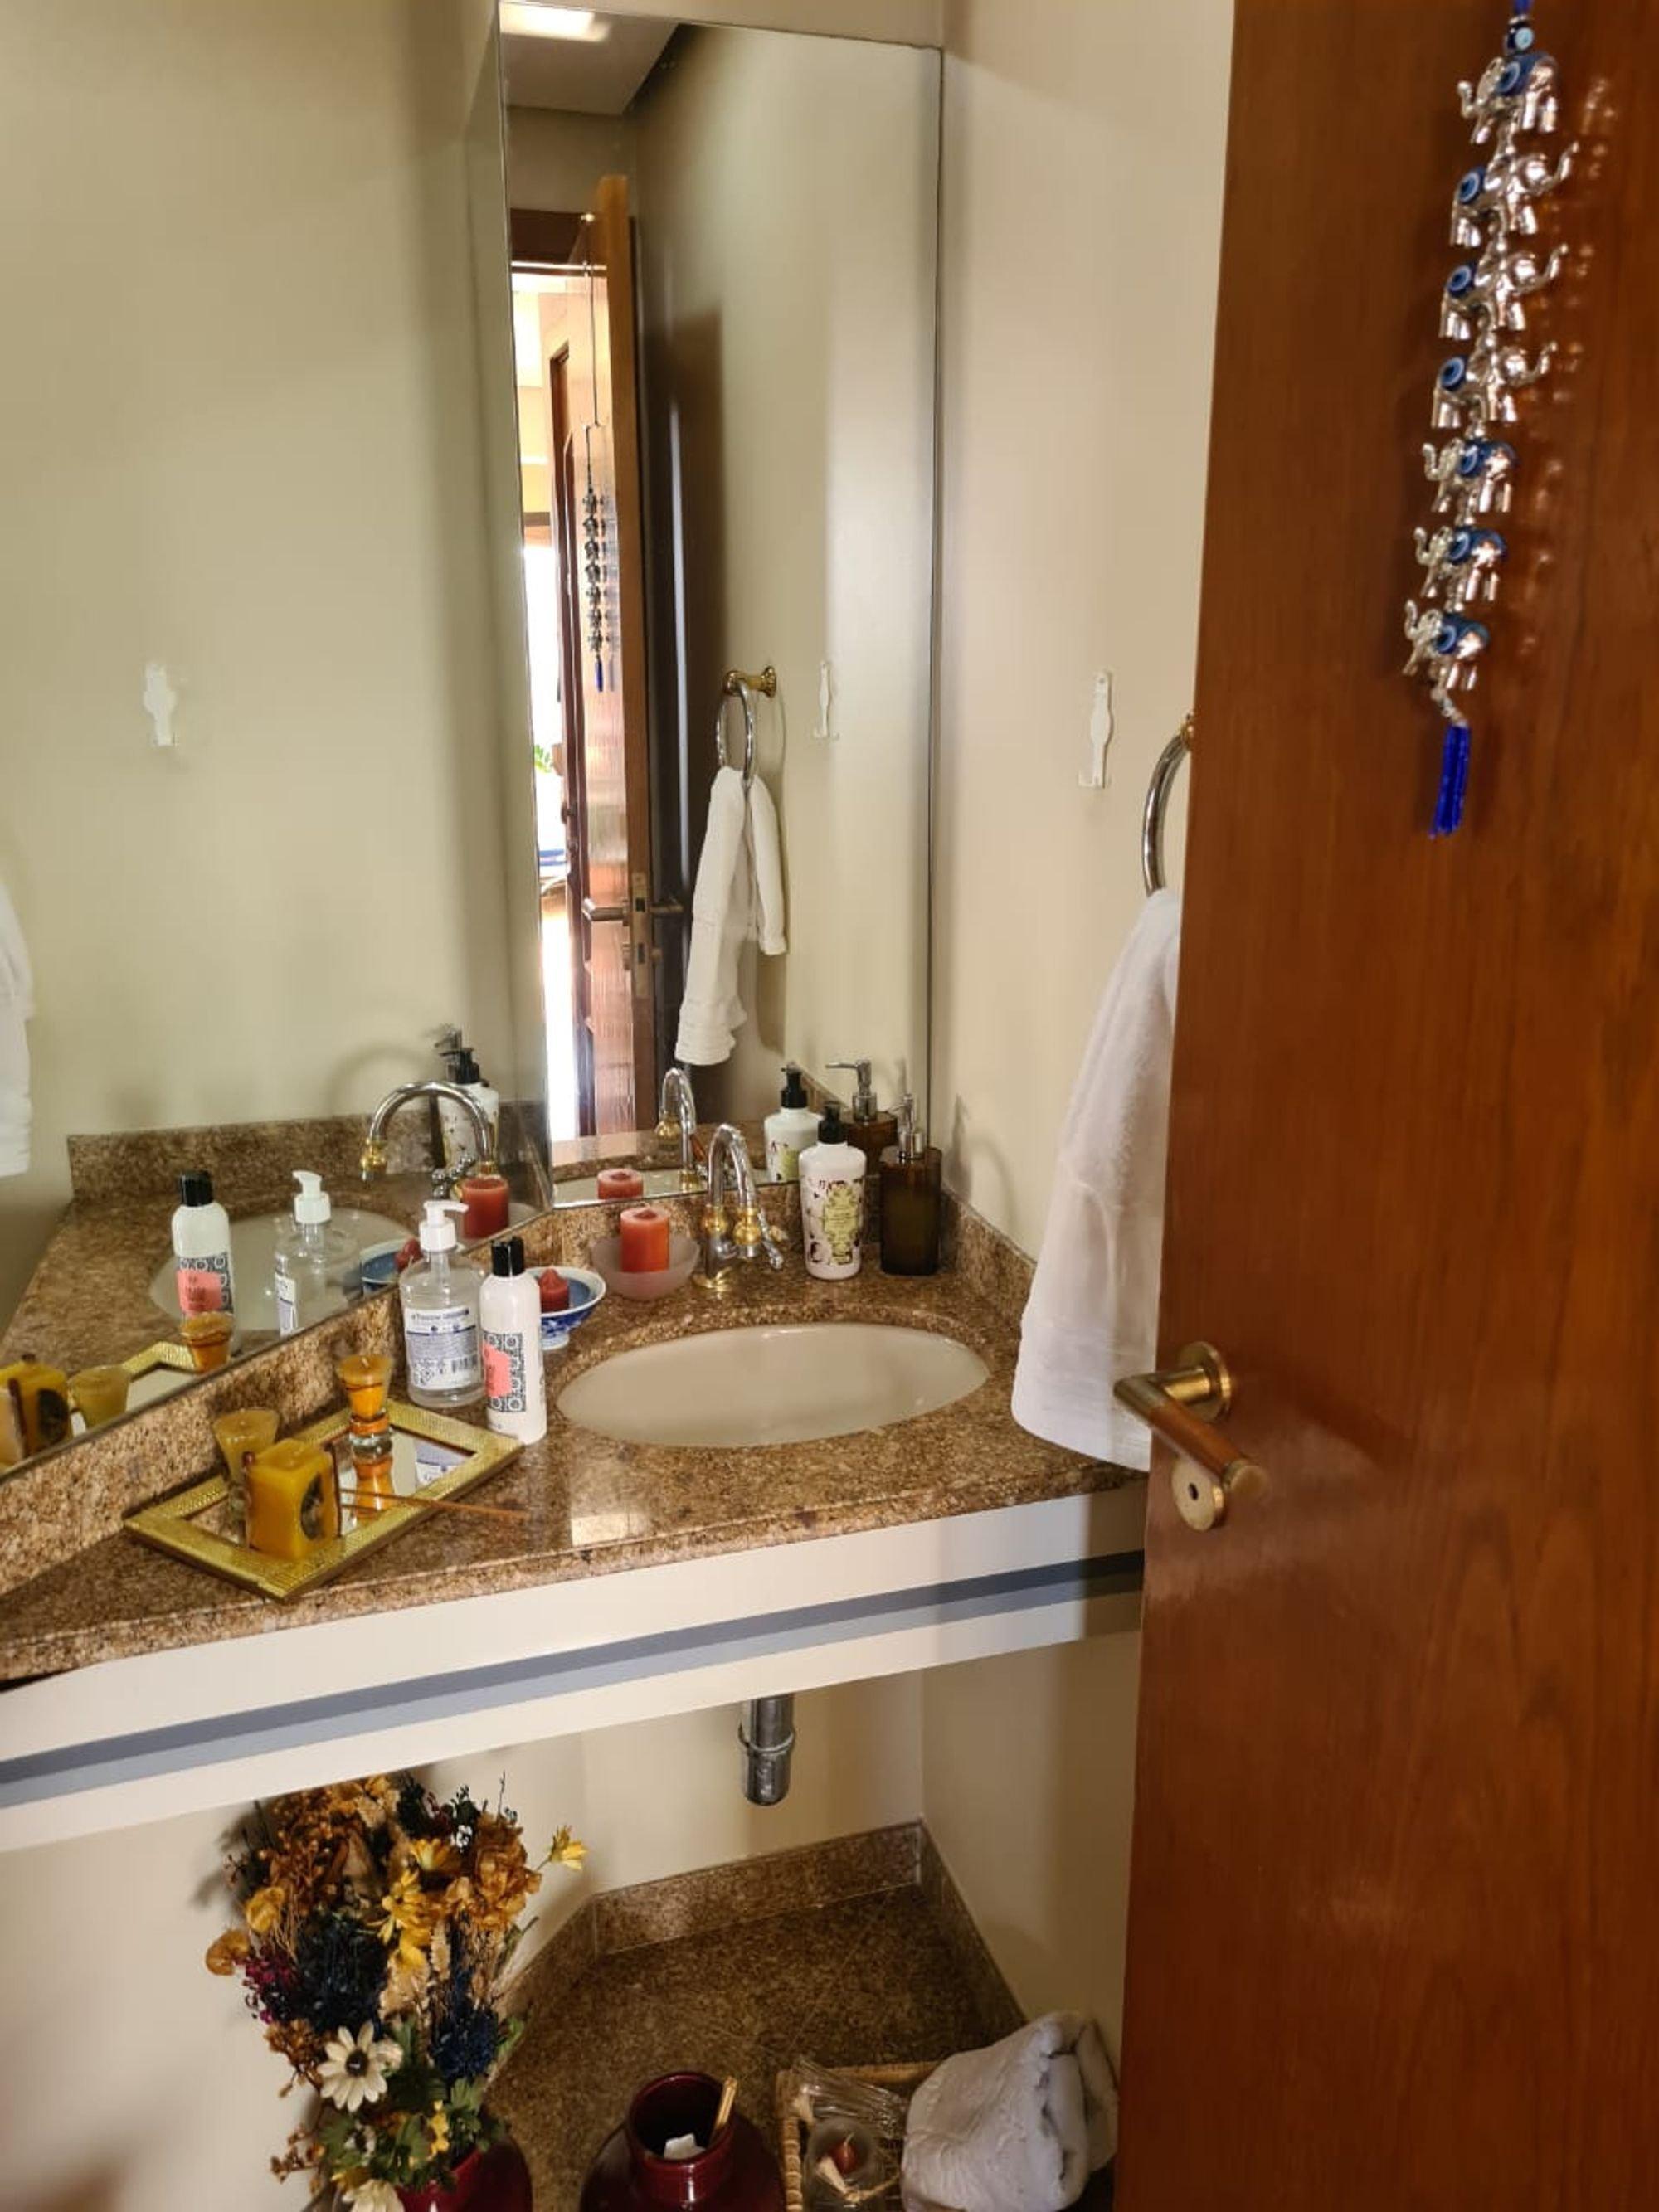 Foto de Banheiro com vaso de planta, garrafa, pia, xícara